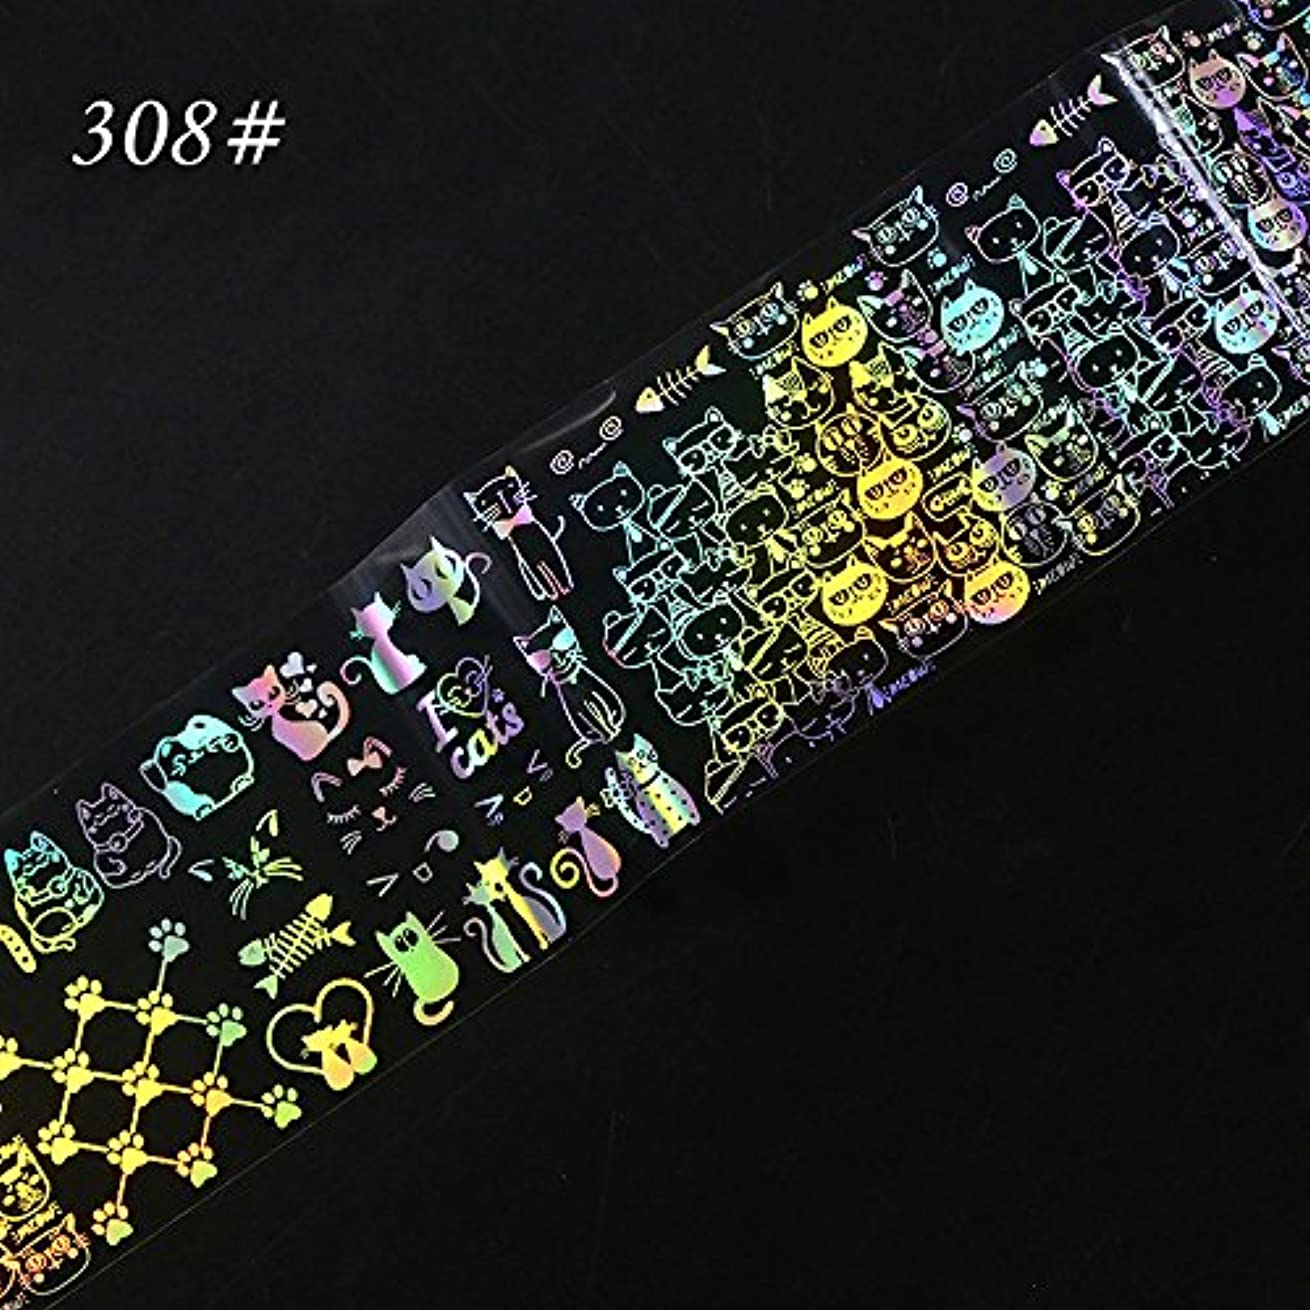 バランス不快化学ネイルアート ホイル ステッカー YOKINO 3D星空ネイルホイル ガイドプレート スタンピングネイルアートツール4cmX100cm (C)